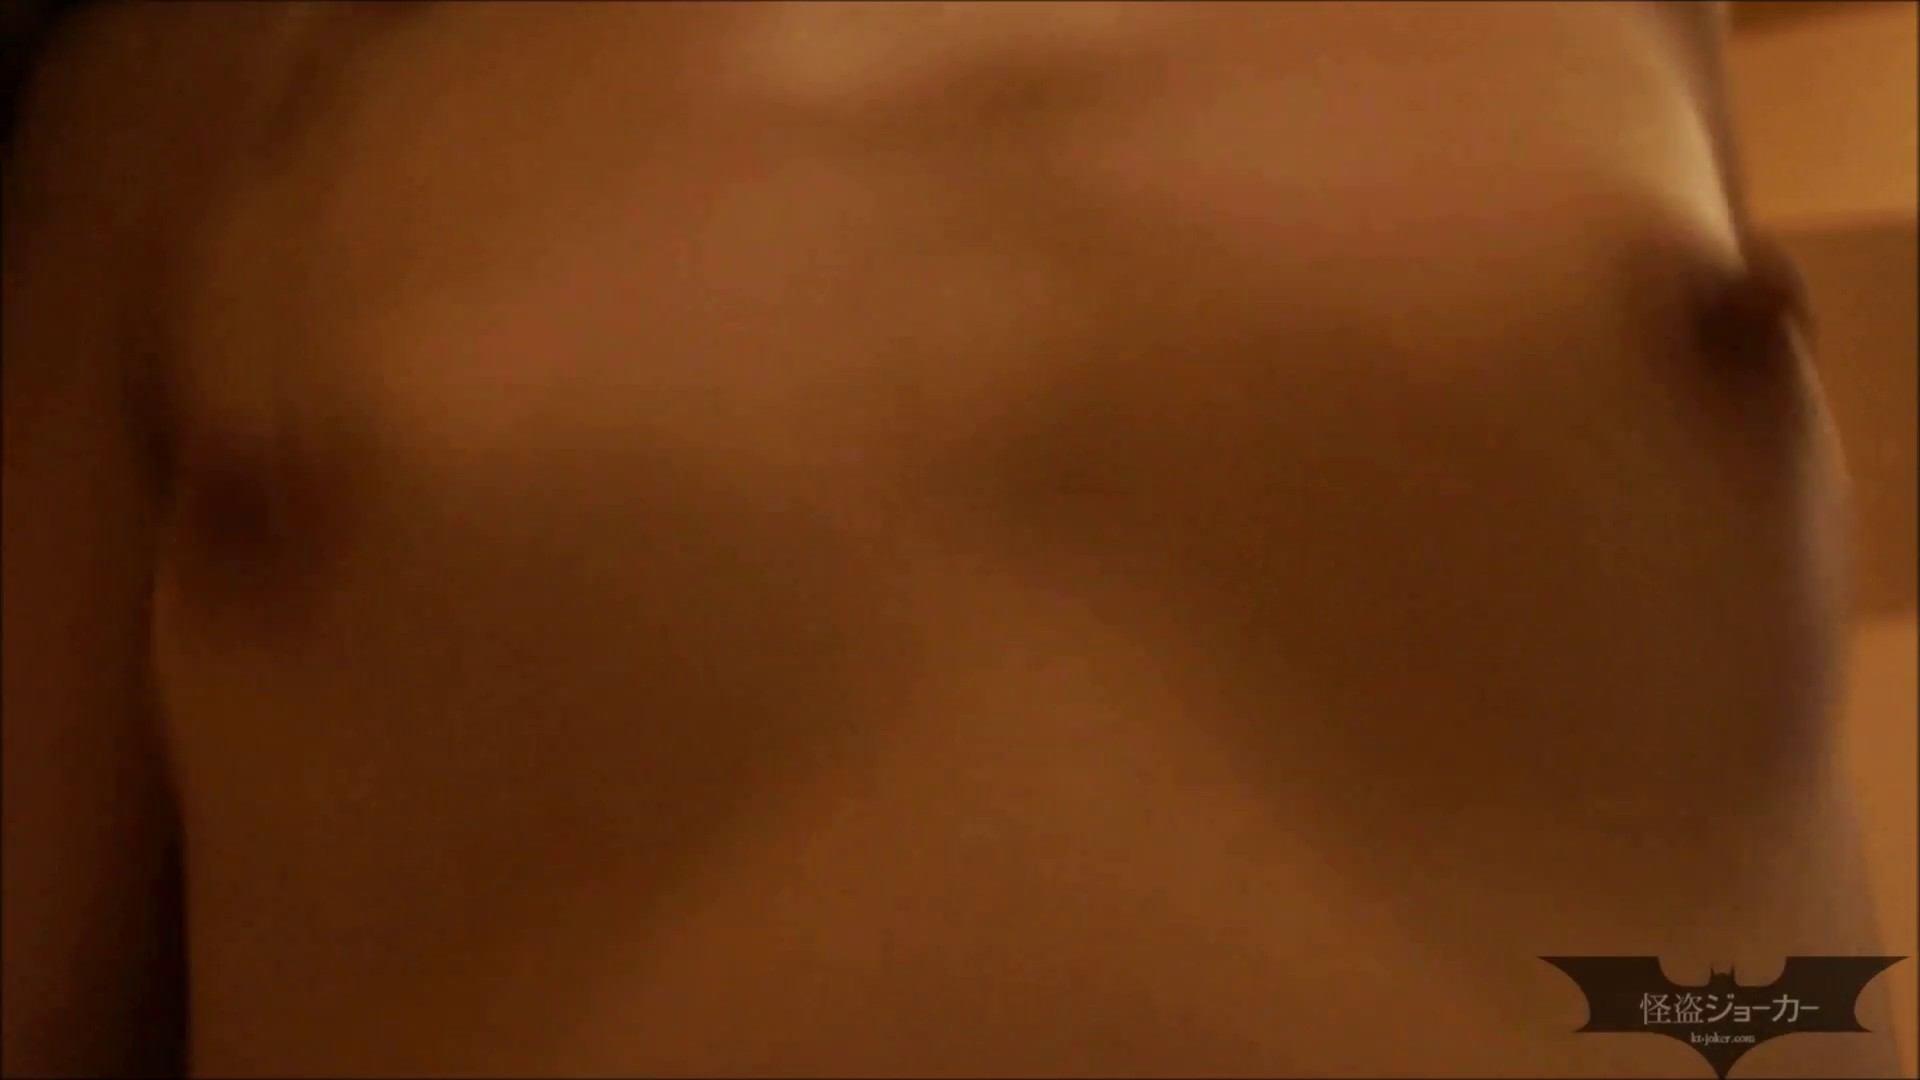 【未公開】vol.20 セレブ美魔女・カリソメの笑顔。最後の交わり...生中出し OLの実態   中出し  96pic 83